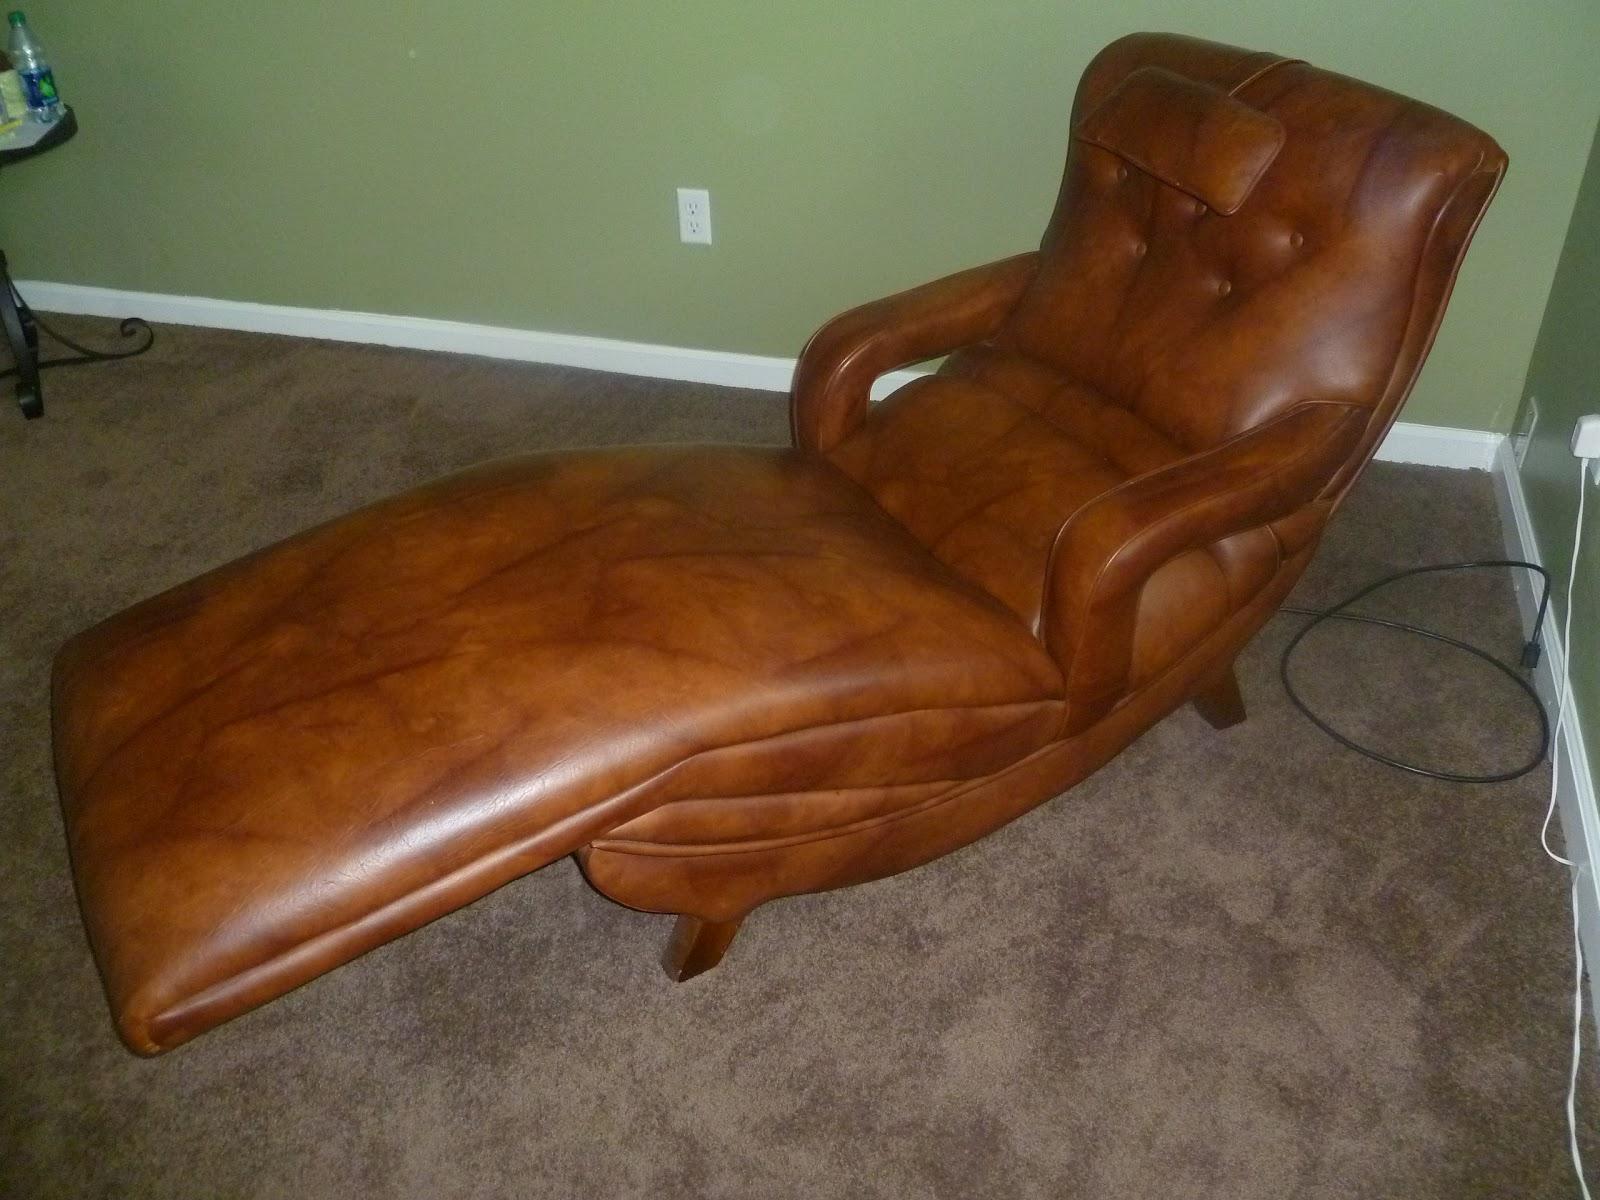 Vintage By Design Unique Contour Chair Lounge Co Chair